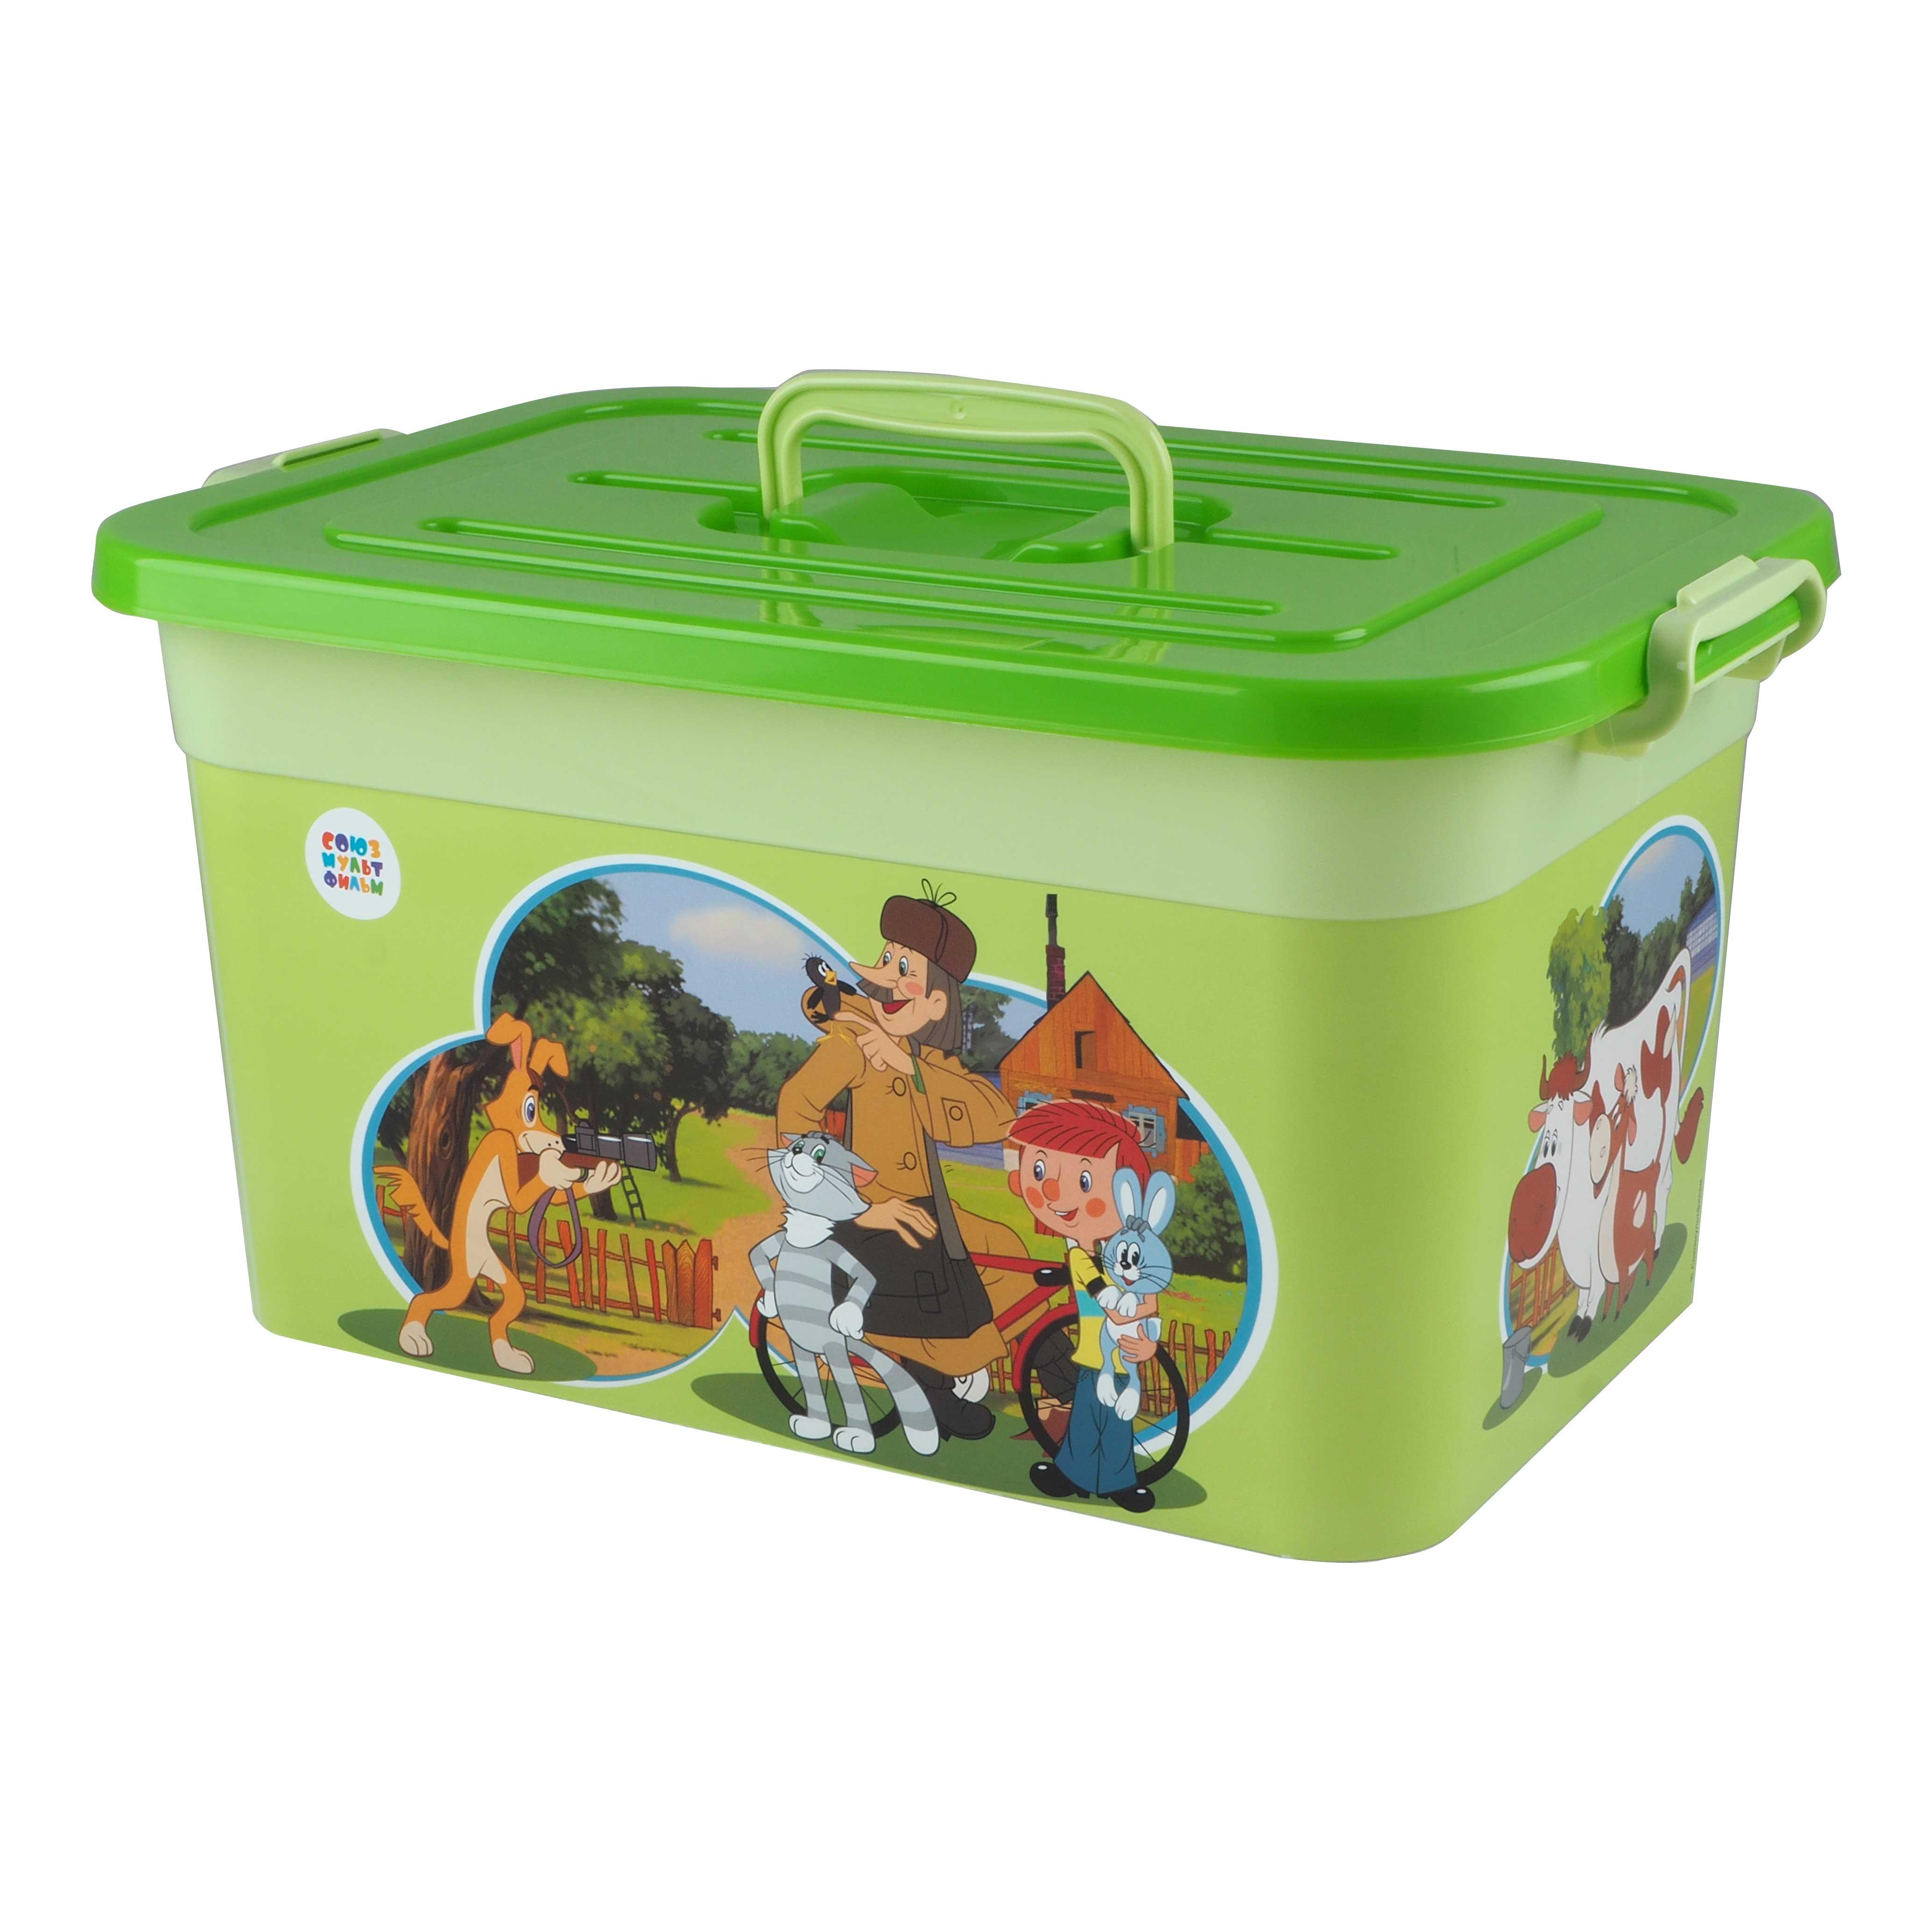 ящики для игрушек Ящик для игрушек ПолимерБыт Союзмультфильм